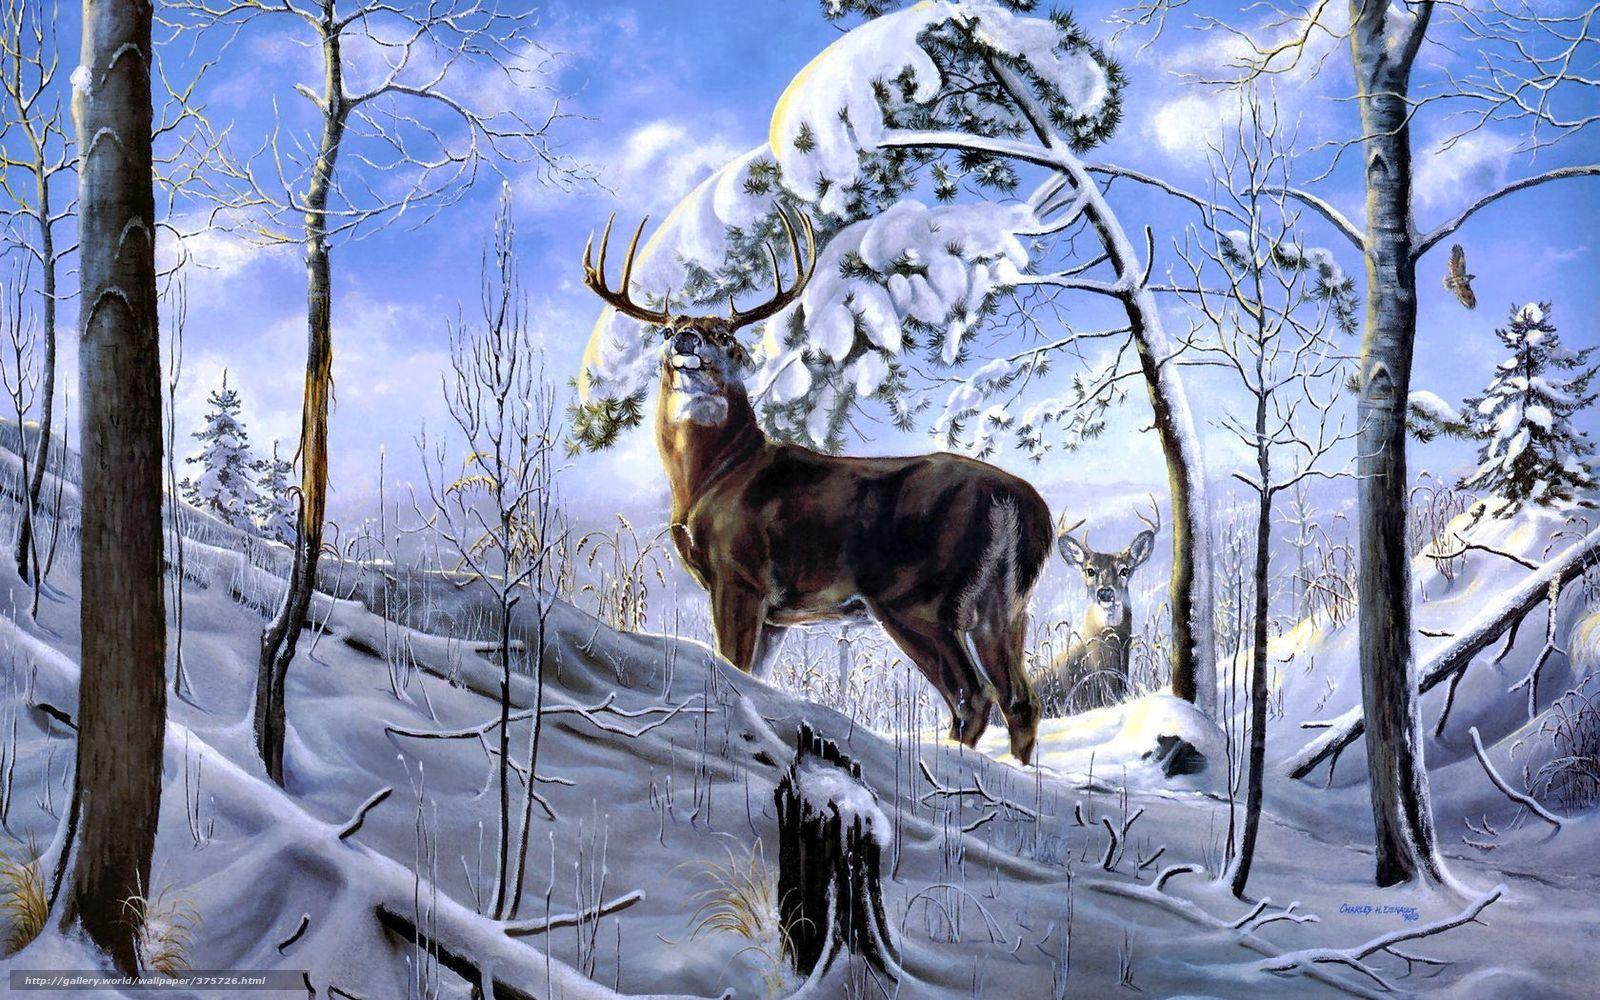 Download wallpaper Deer Winter forest snow desktop 1600x1000